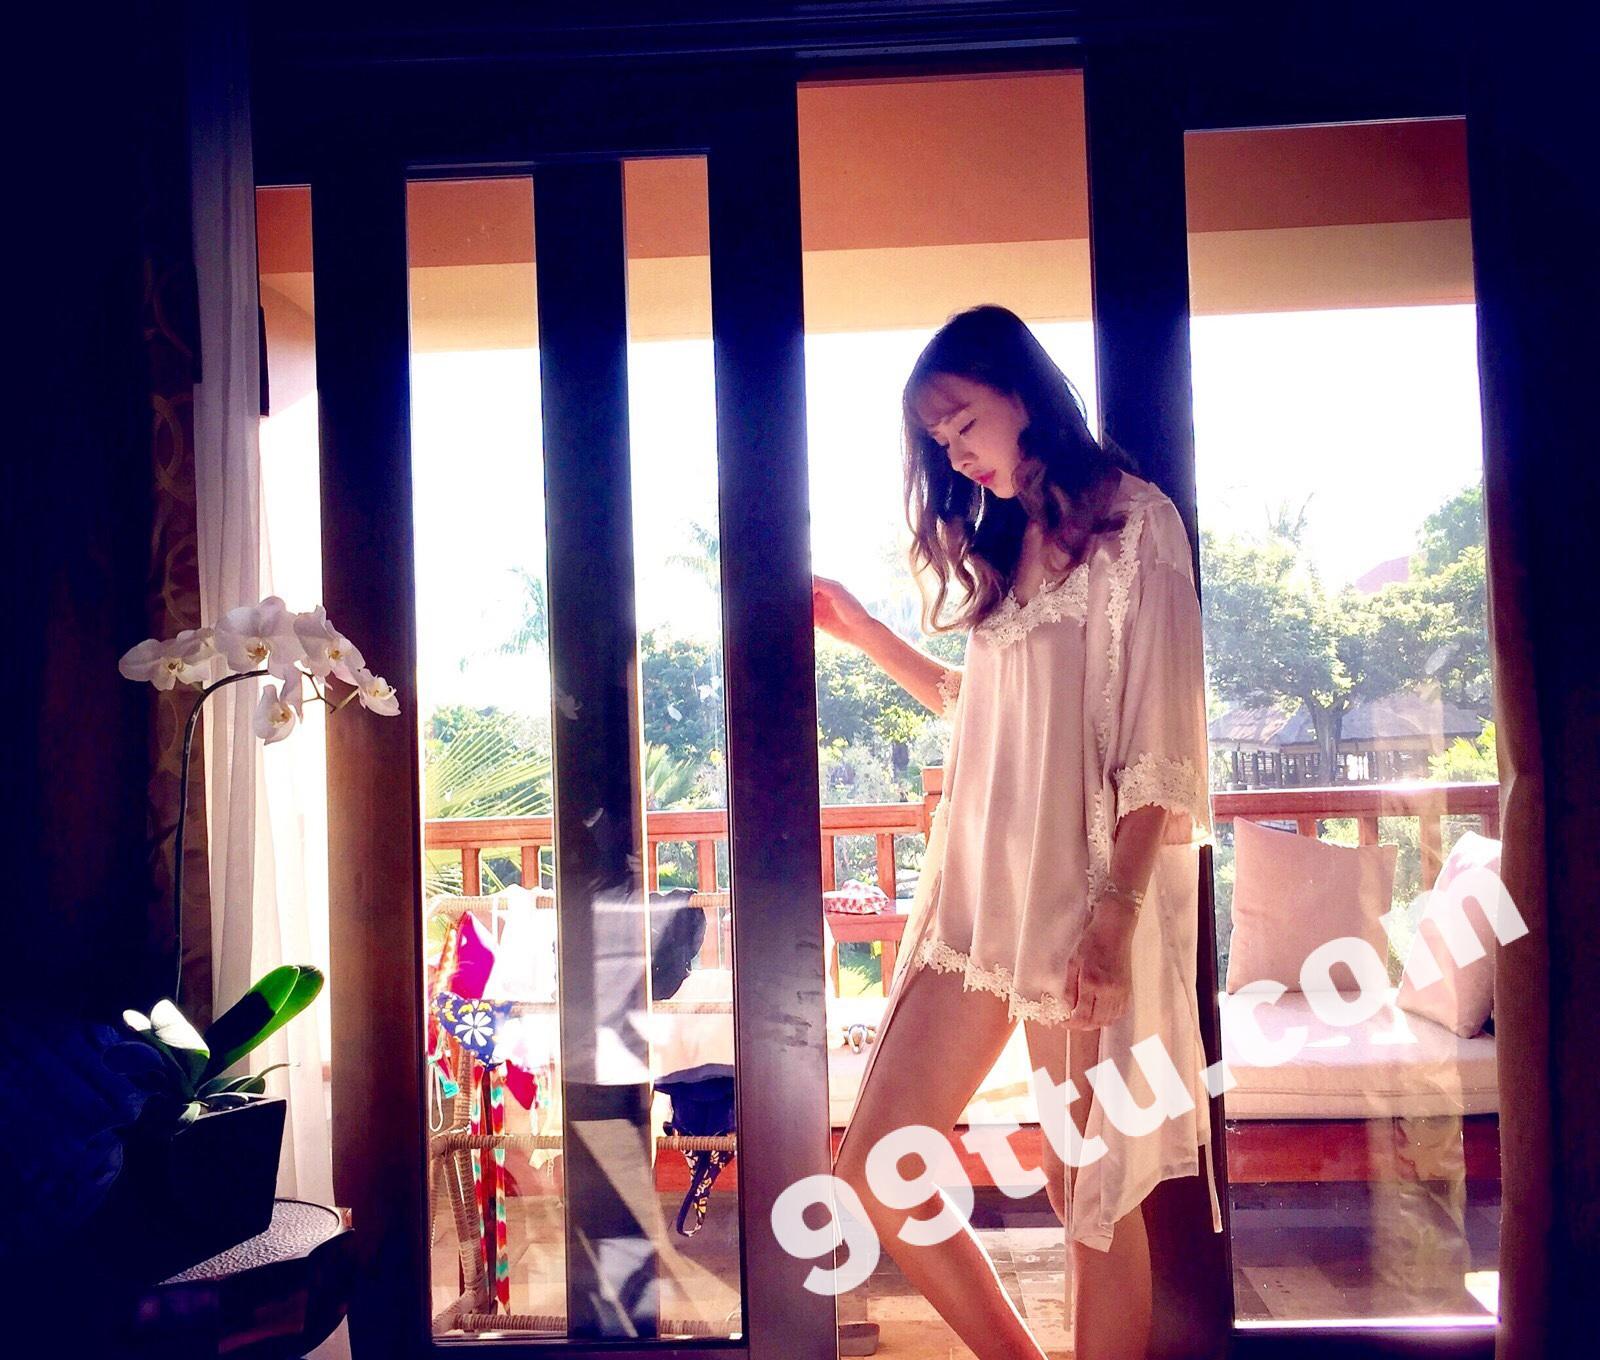 KK39 551张 时尚美女达人自拍照生活照-10